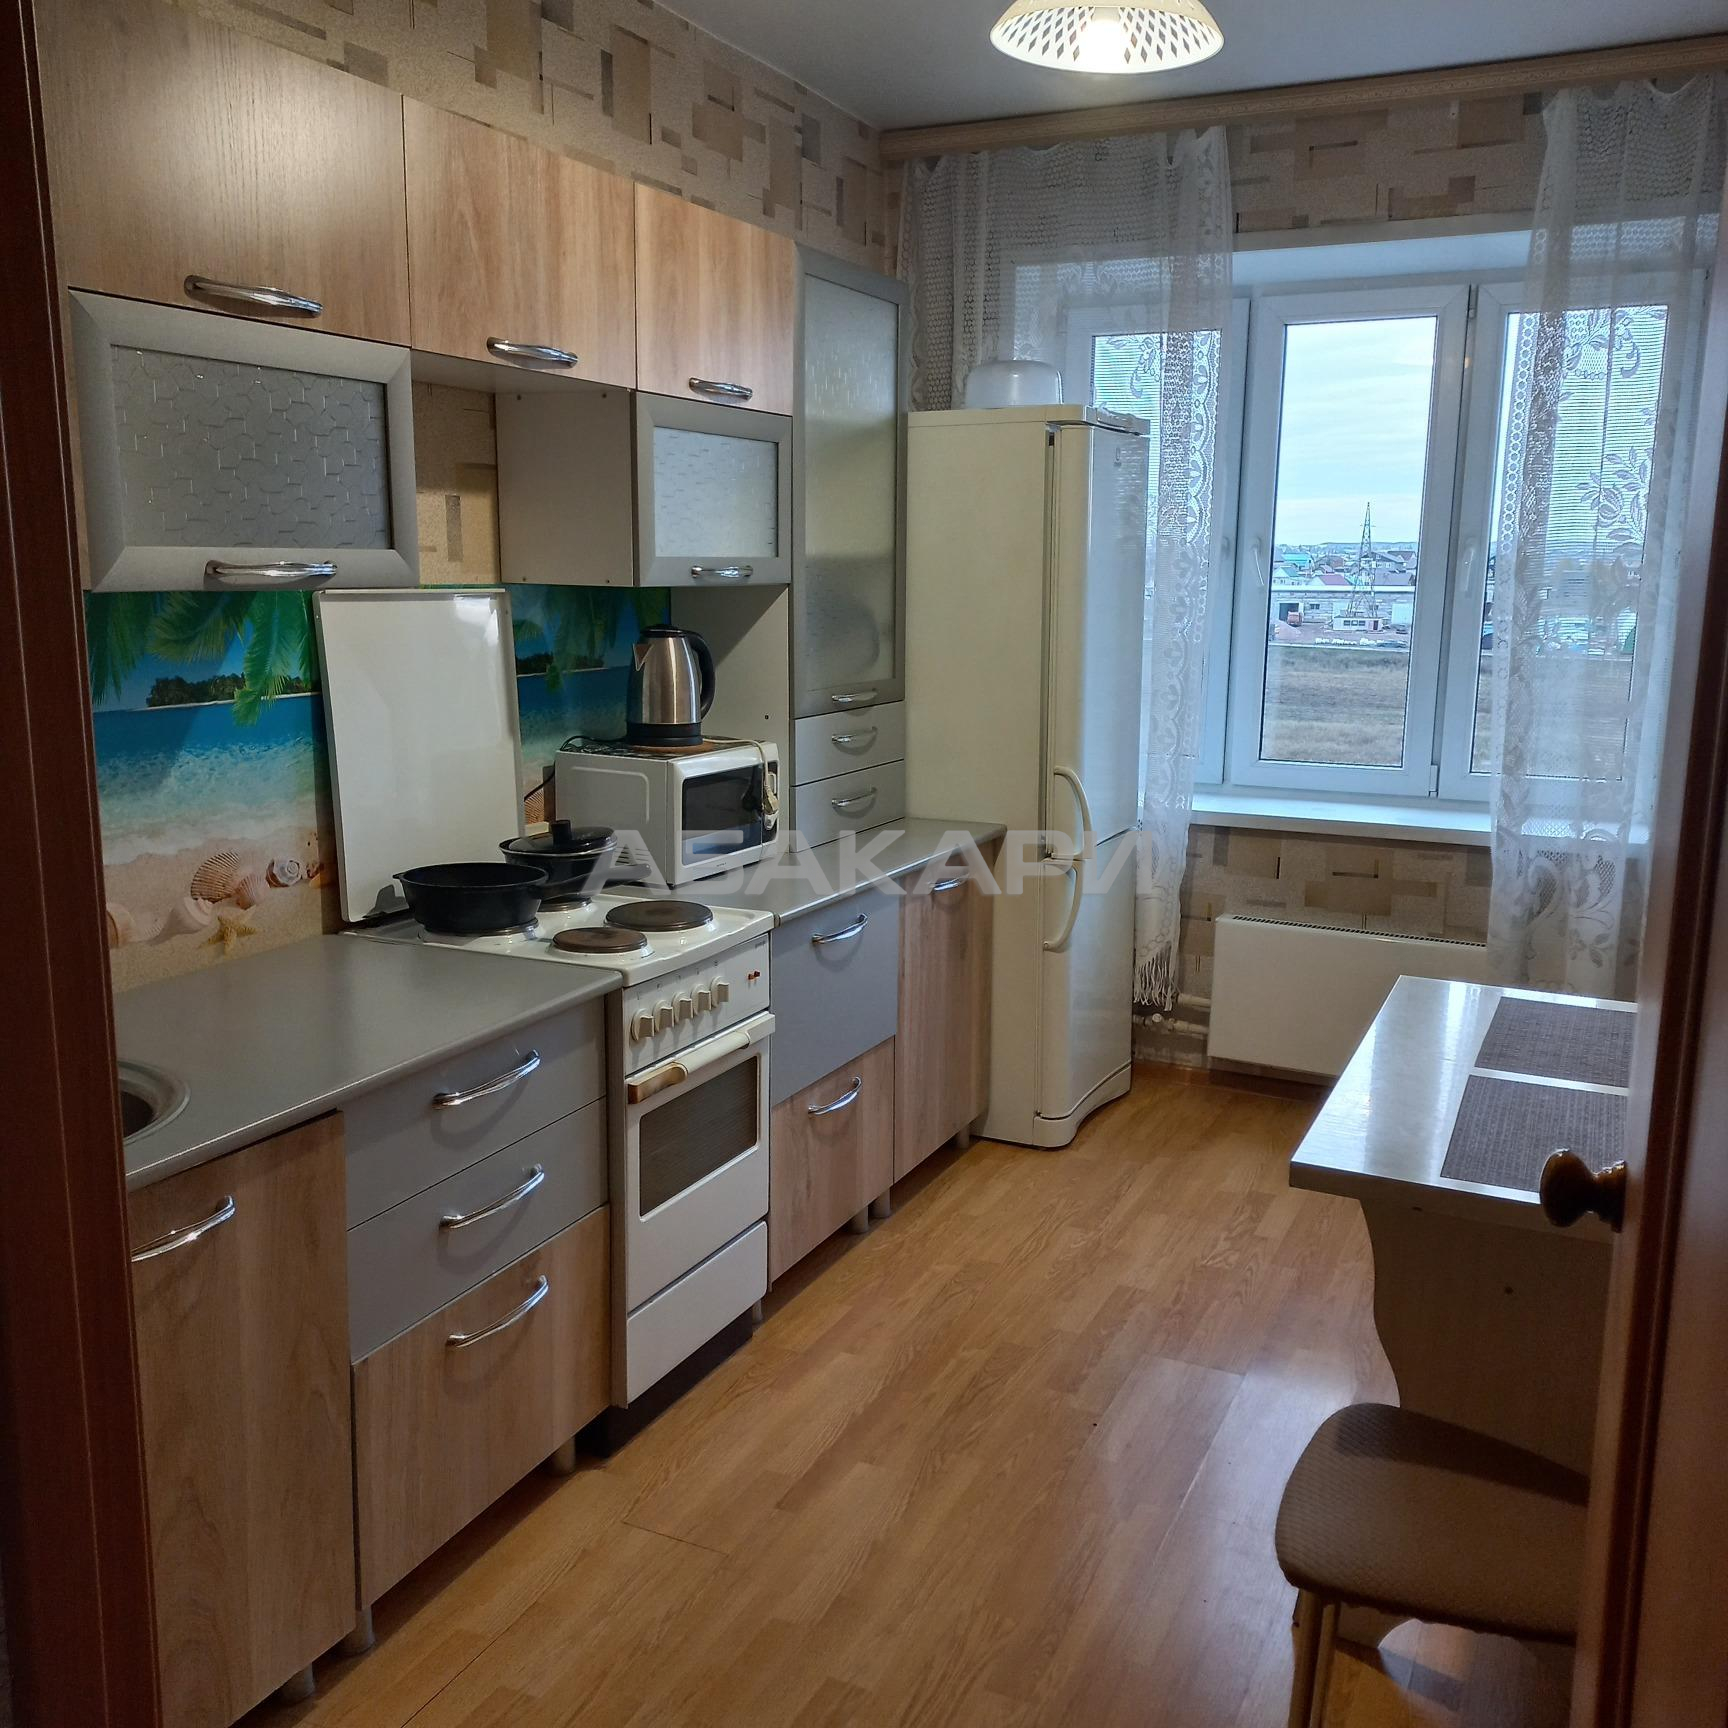 3к квартира Норильская улица, 38 7/16 - 74кв | 17000 | аренда в Красноярске фото 0